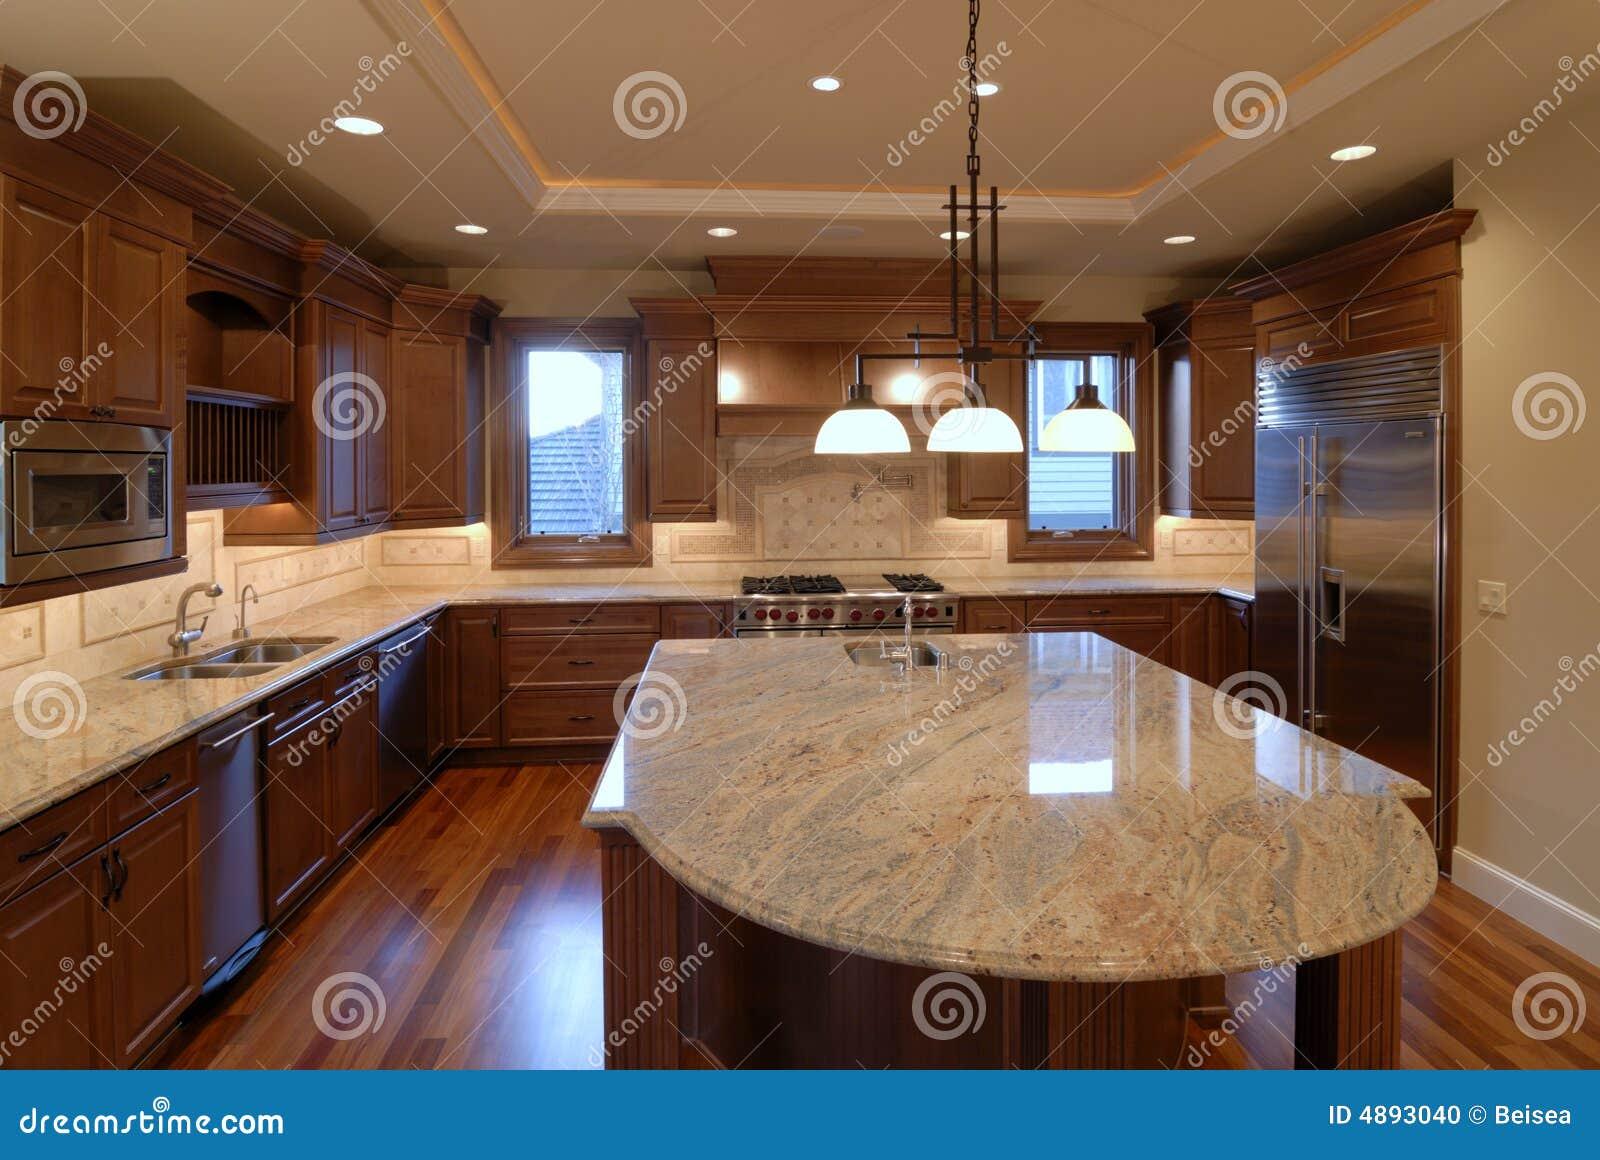 Küche-Insel stockfoto. Bild von amerikanisch, zustand - 4893040